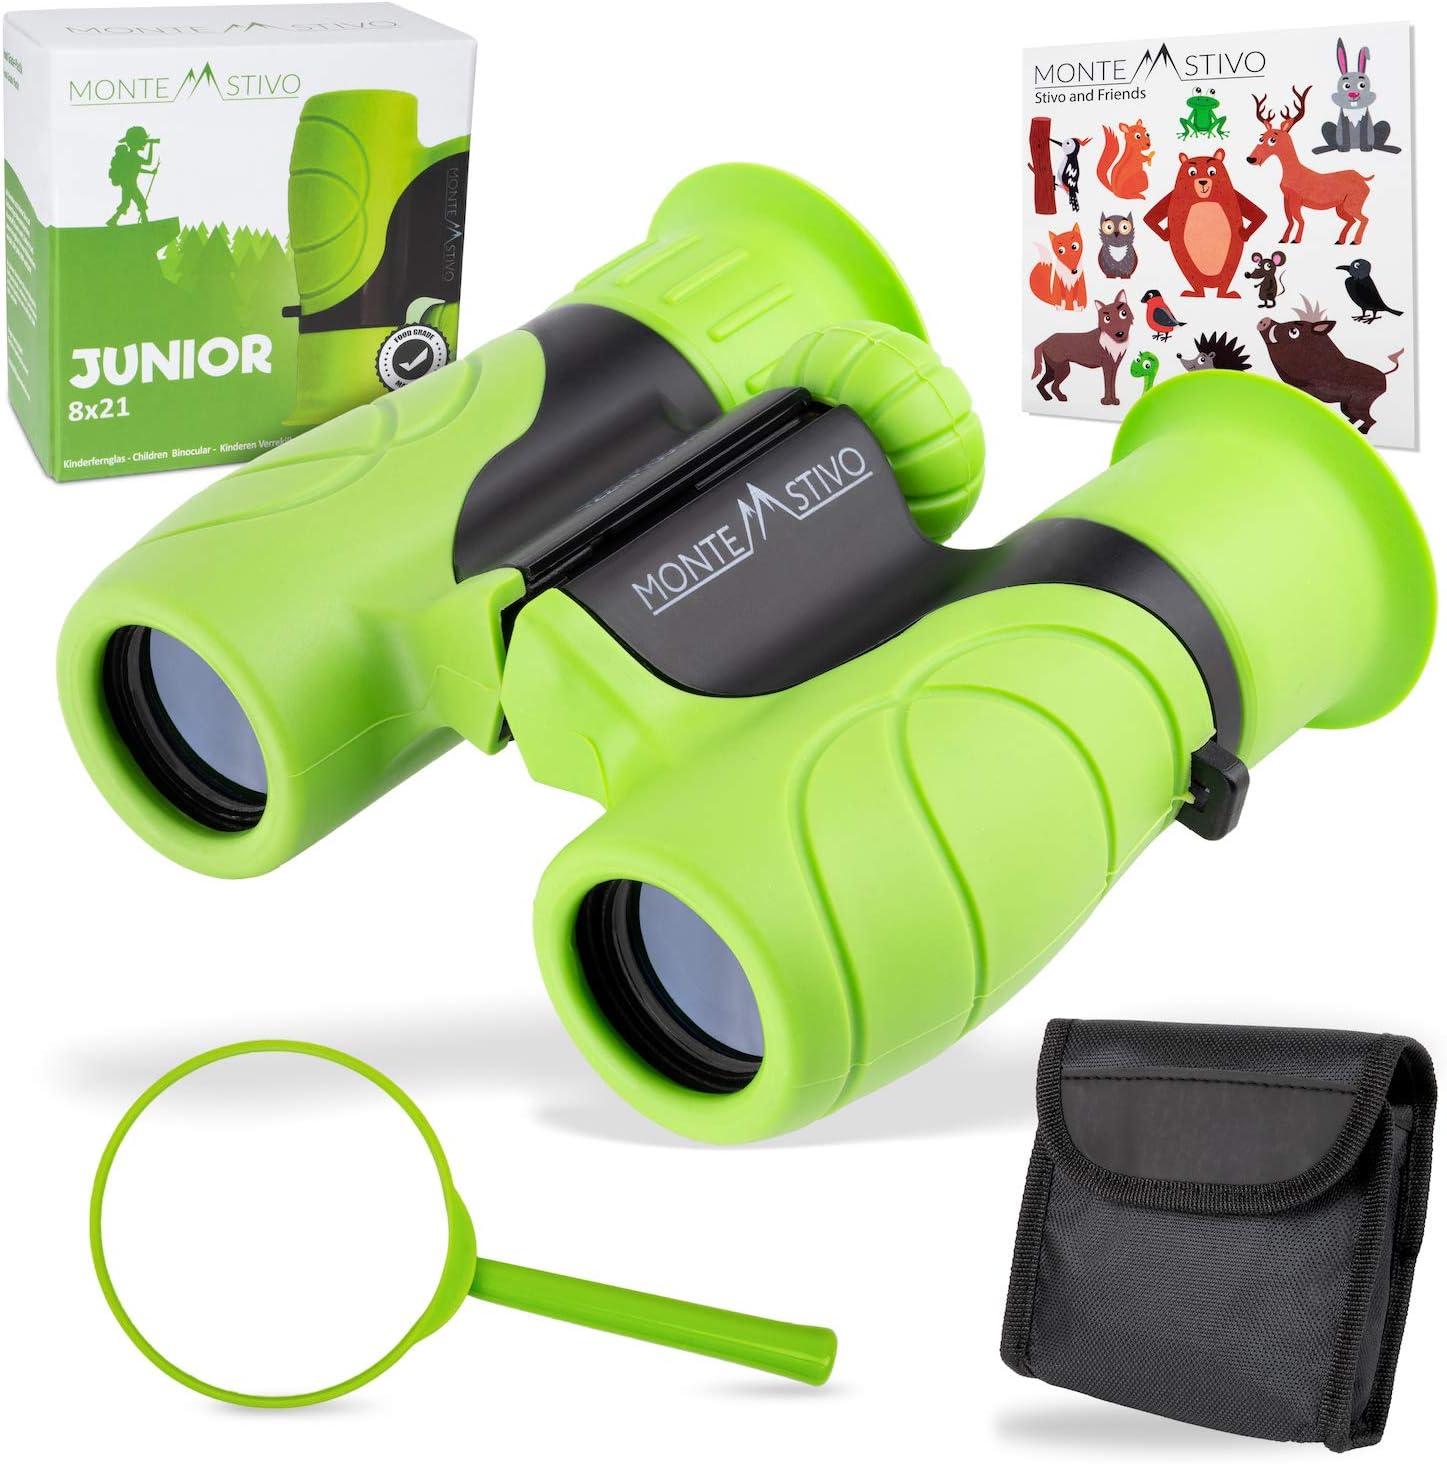 Monte Stivo ® Junior | Binoculares para niños 8x21 | Set como Regalo para pequeños exploradores de 4 a 12 años